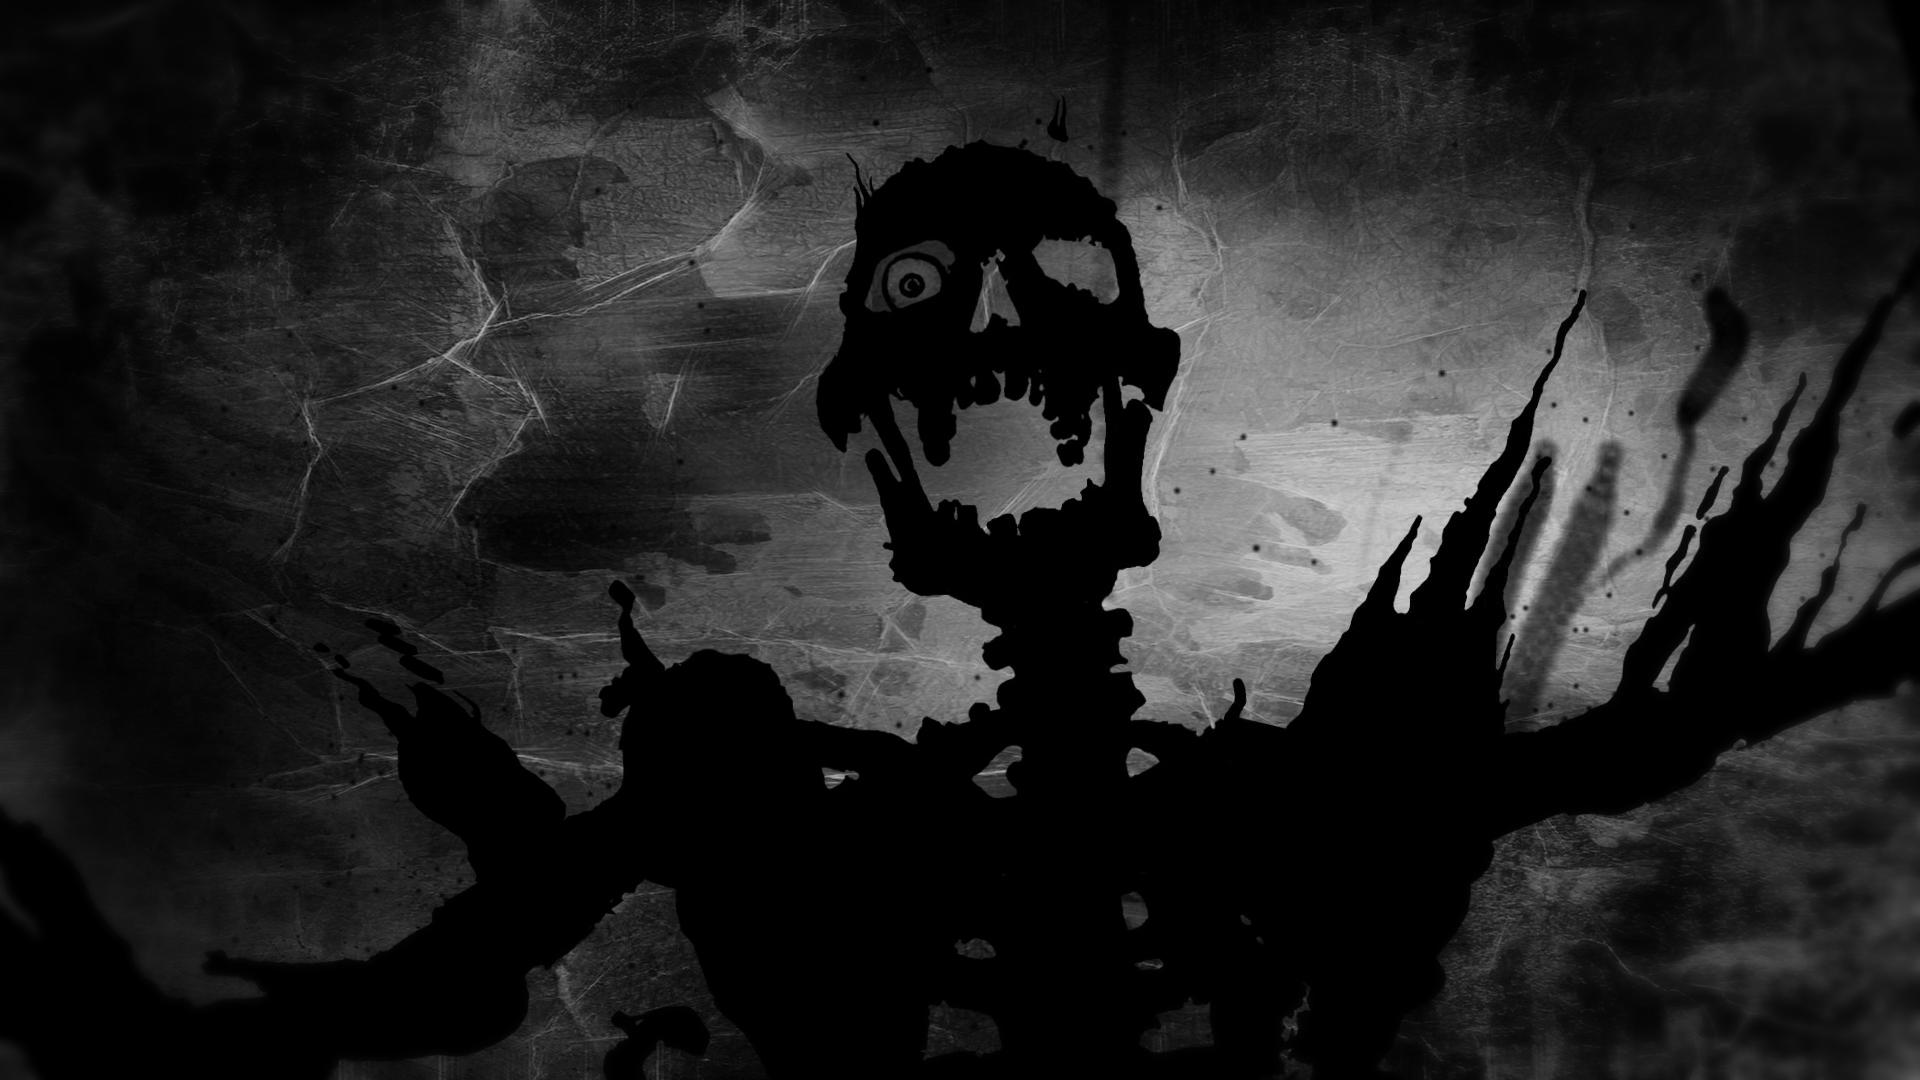 Dark skulls skull evil halloween scream wallpaper 1920x1080 118277 1920x1080